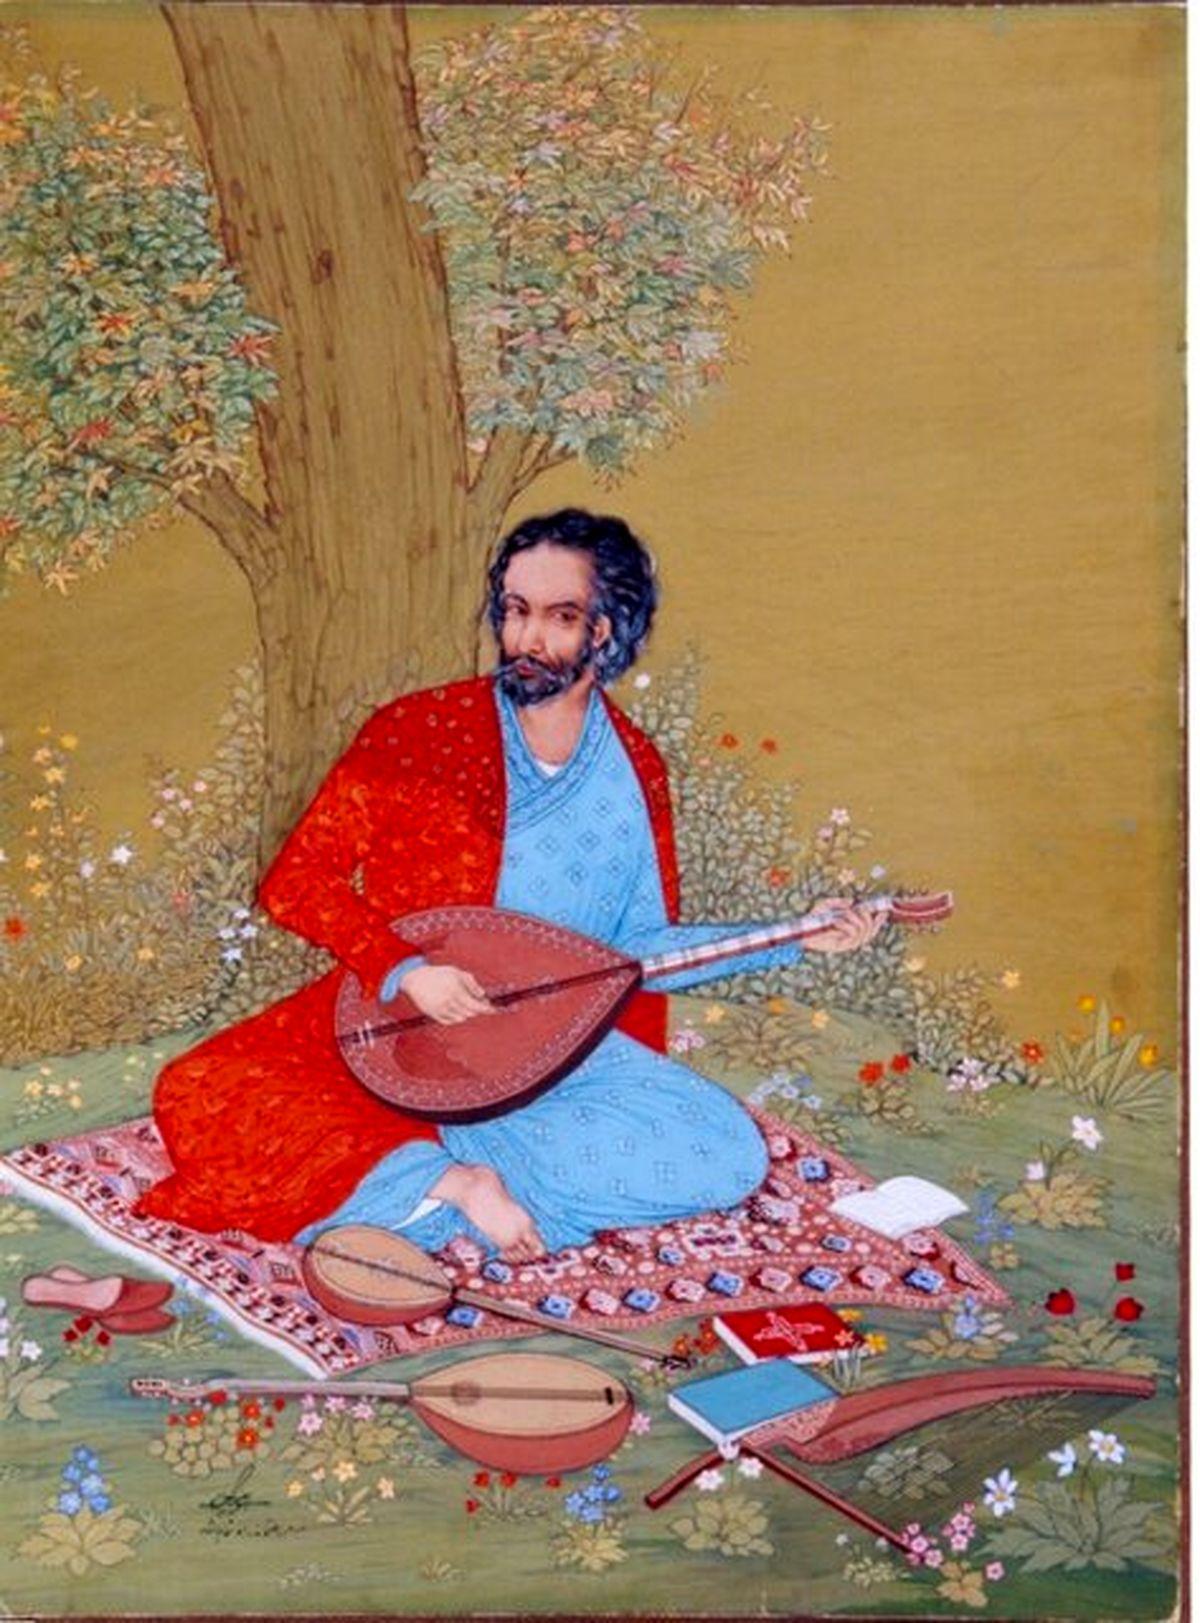 سرنوشت روز موسیقی در تقویم چه شد؟/ نه فارابی نه شجریان، صفی الدین ارموی